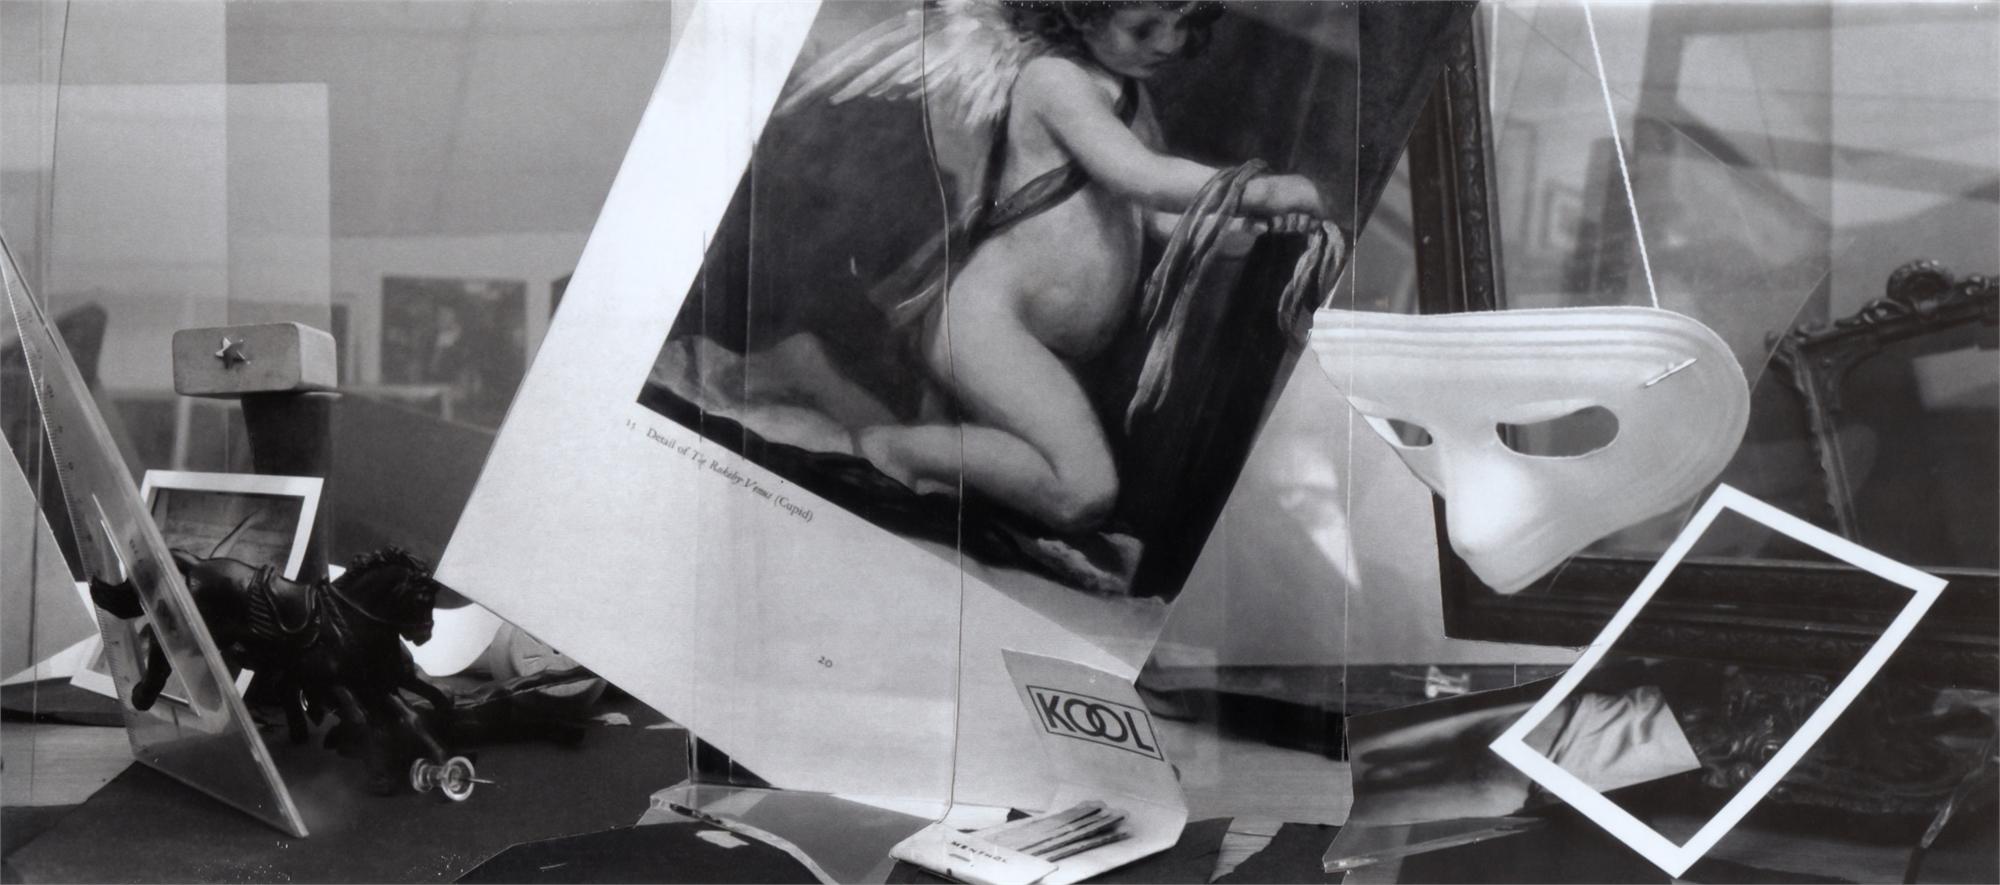 Beneath Cupid by John O'Reilly